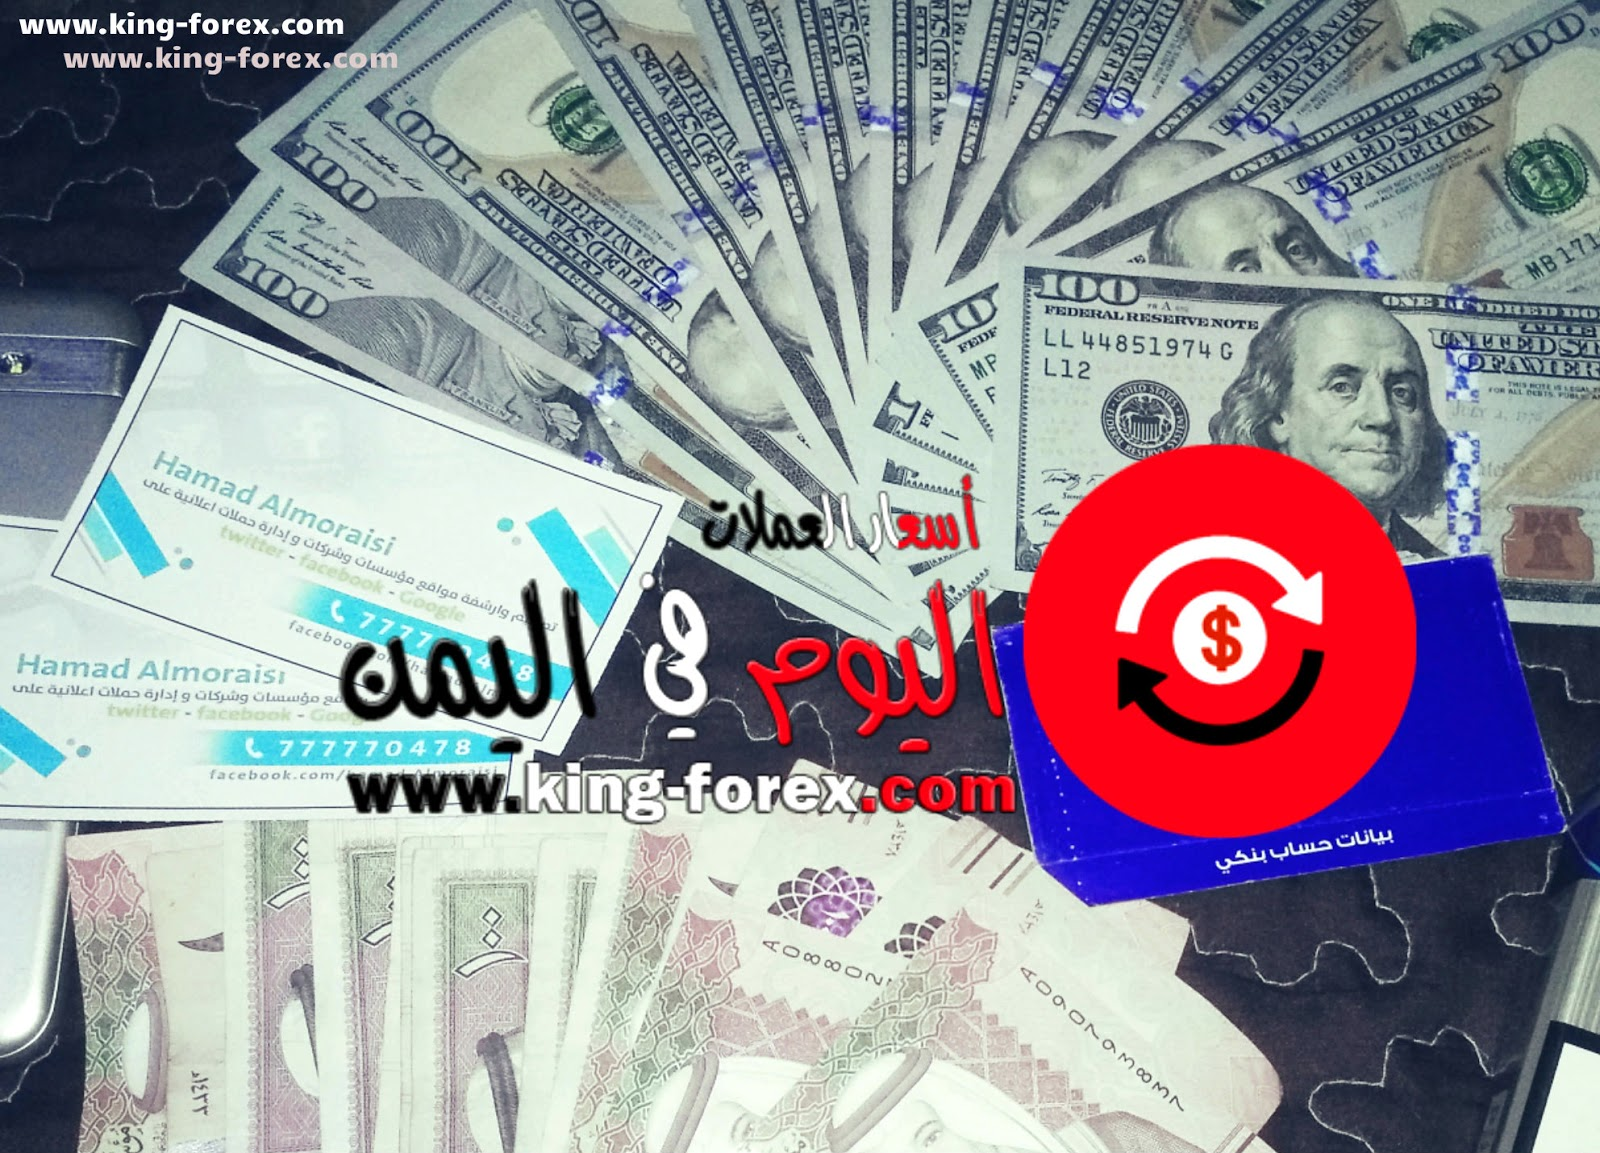 بوابة الفجر سعر الريال السعودي مقابل الجنيه المصري اليوم الثلاثاء